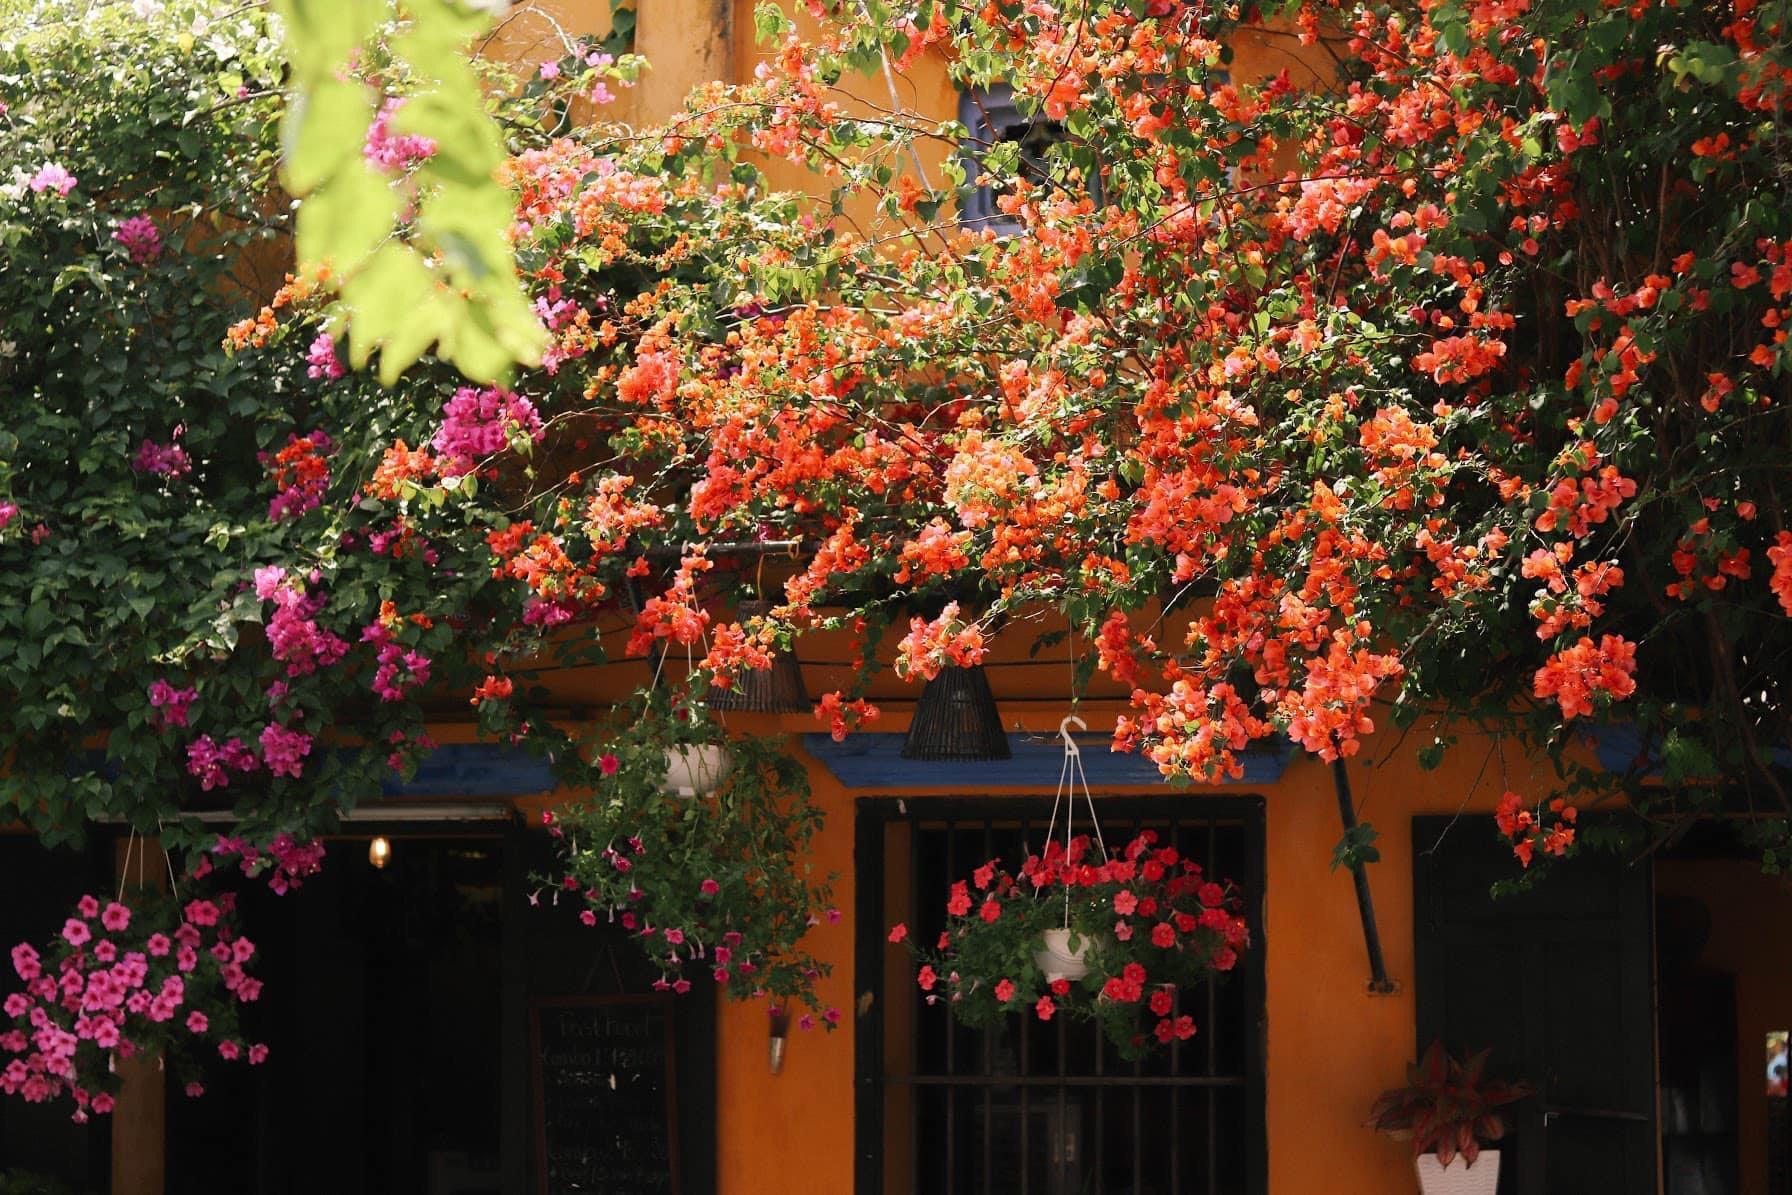 Hình ảnh ngôi nhà hoa giấy ở Hội An